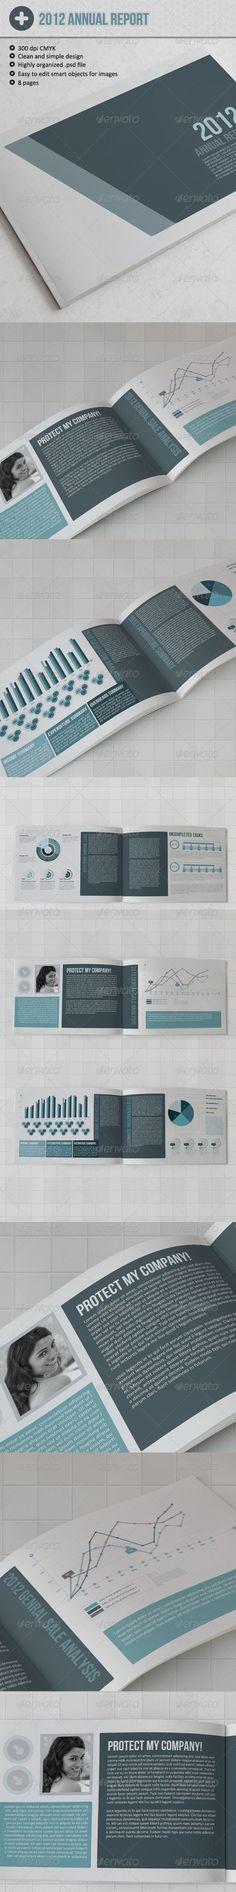 Mise en page, infographies sur un rapport d'activité/catalogue.